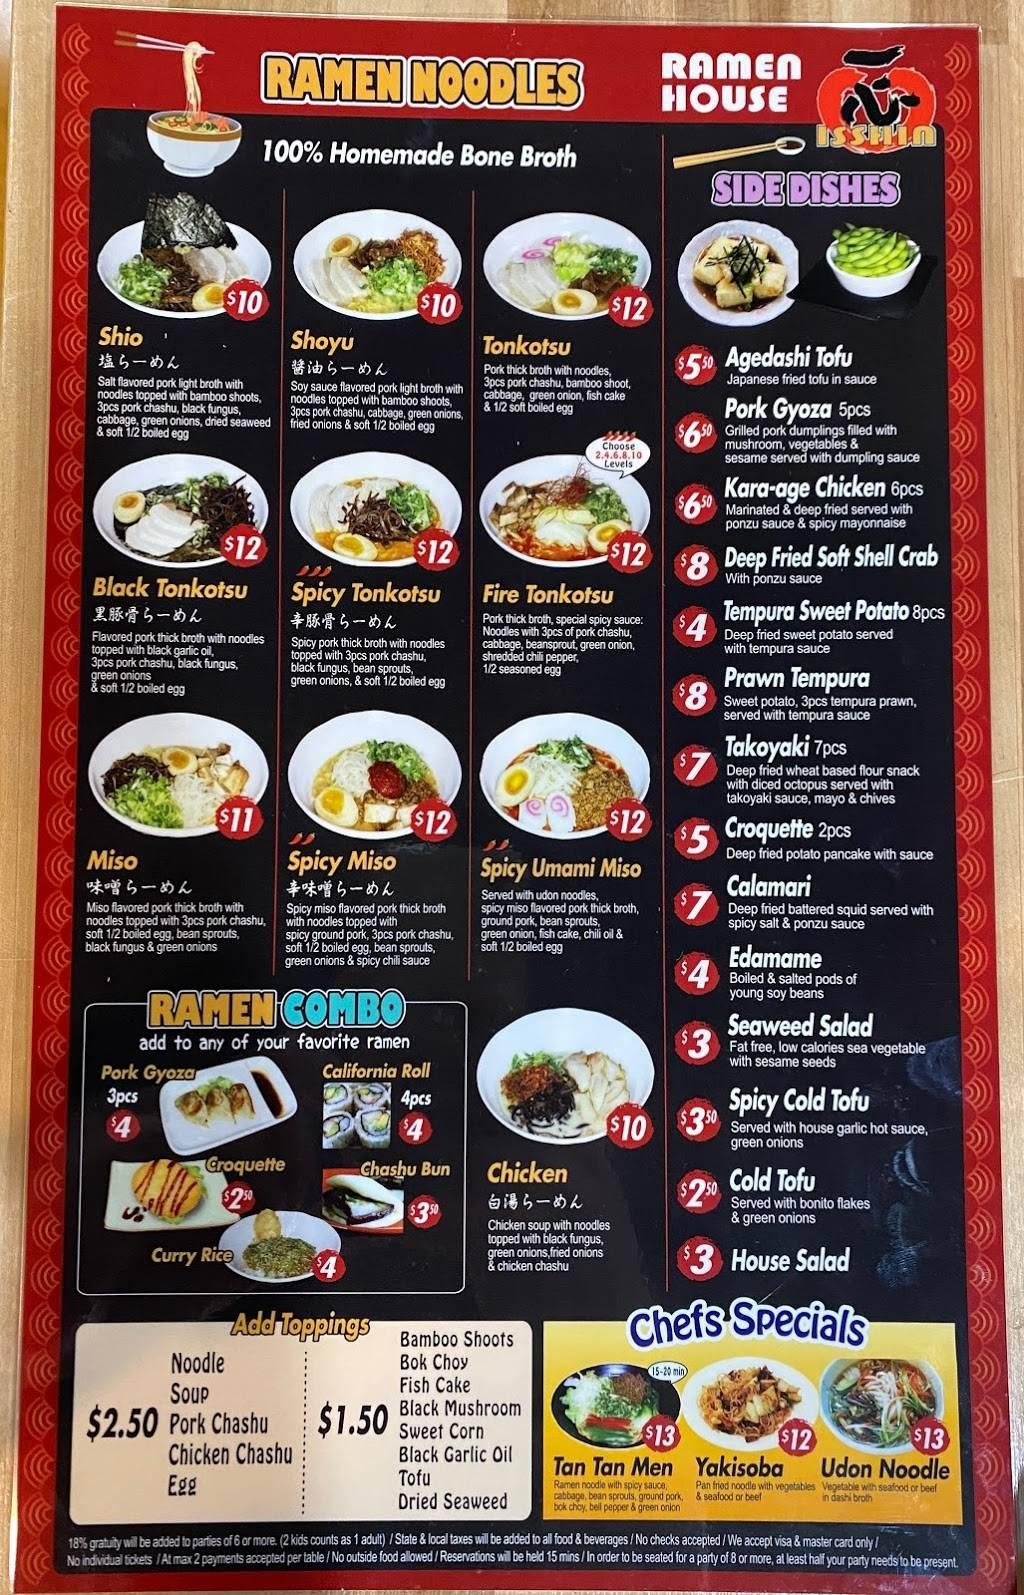 Isshin Ramen House   restaurant   1103 W Bryn Mawr Ave, Chicago, IL 60660, USA   7732936972 OR +1 773-293-6972